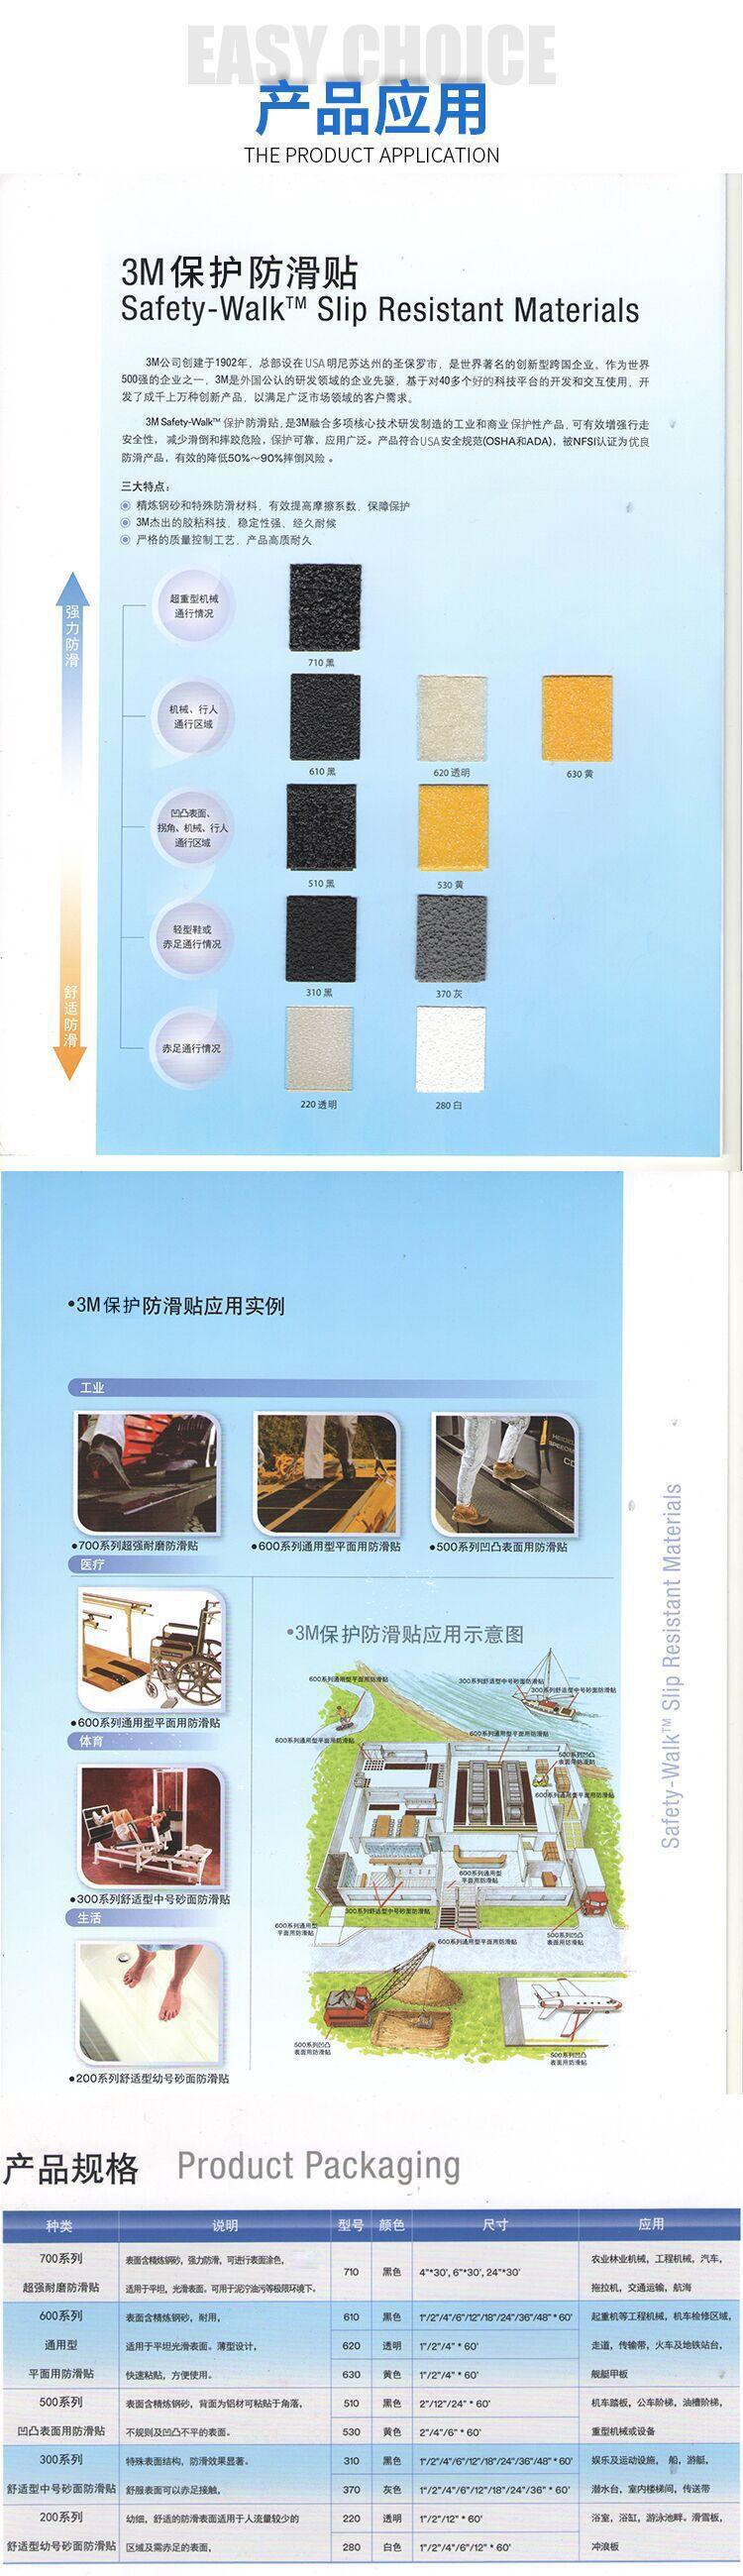 3M620透明防滑胶带Safety-Walk图片8